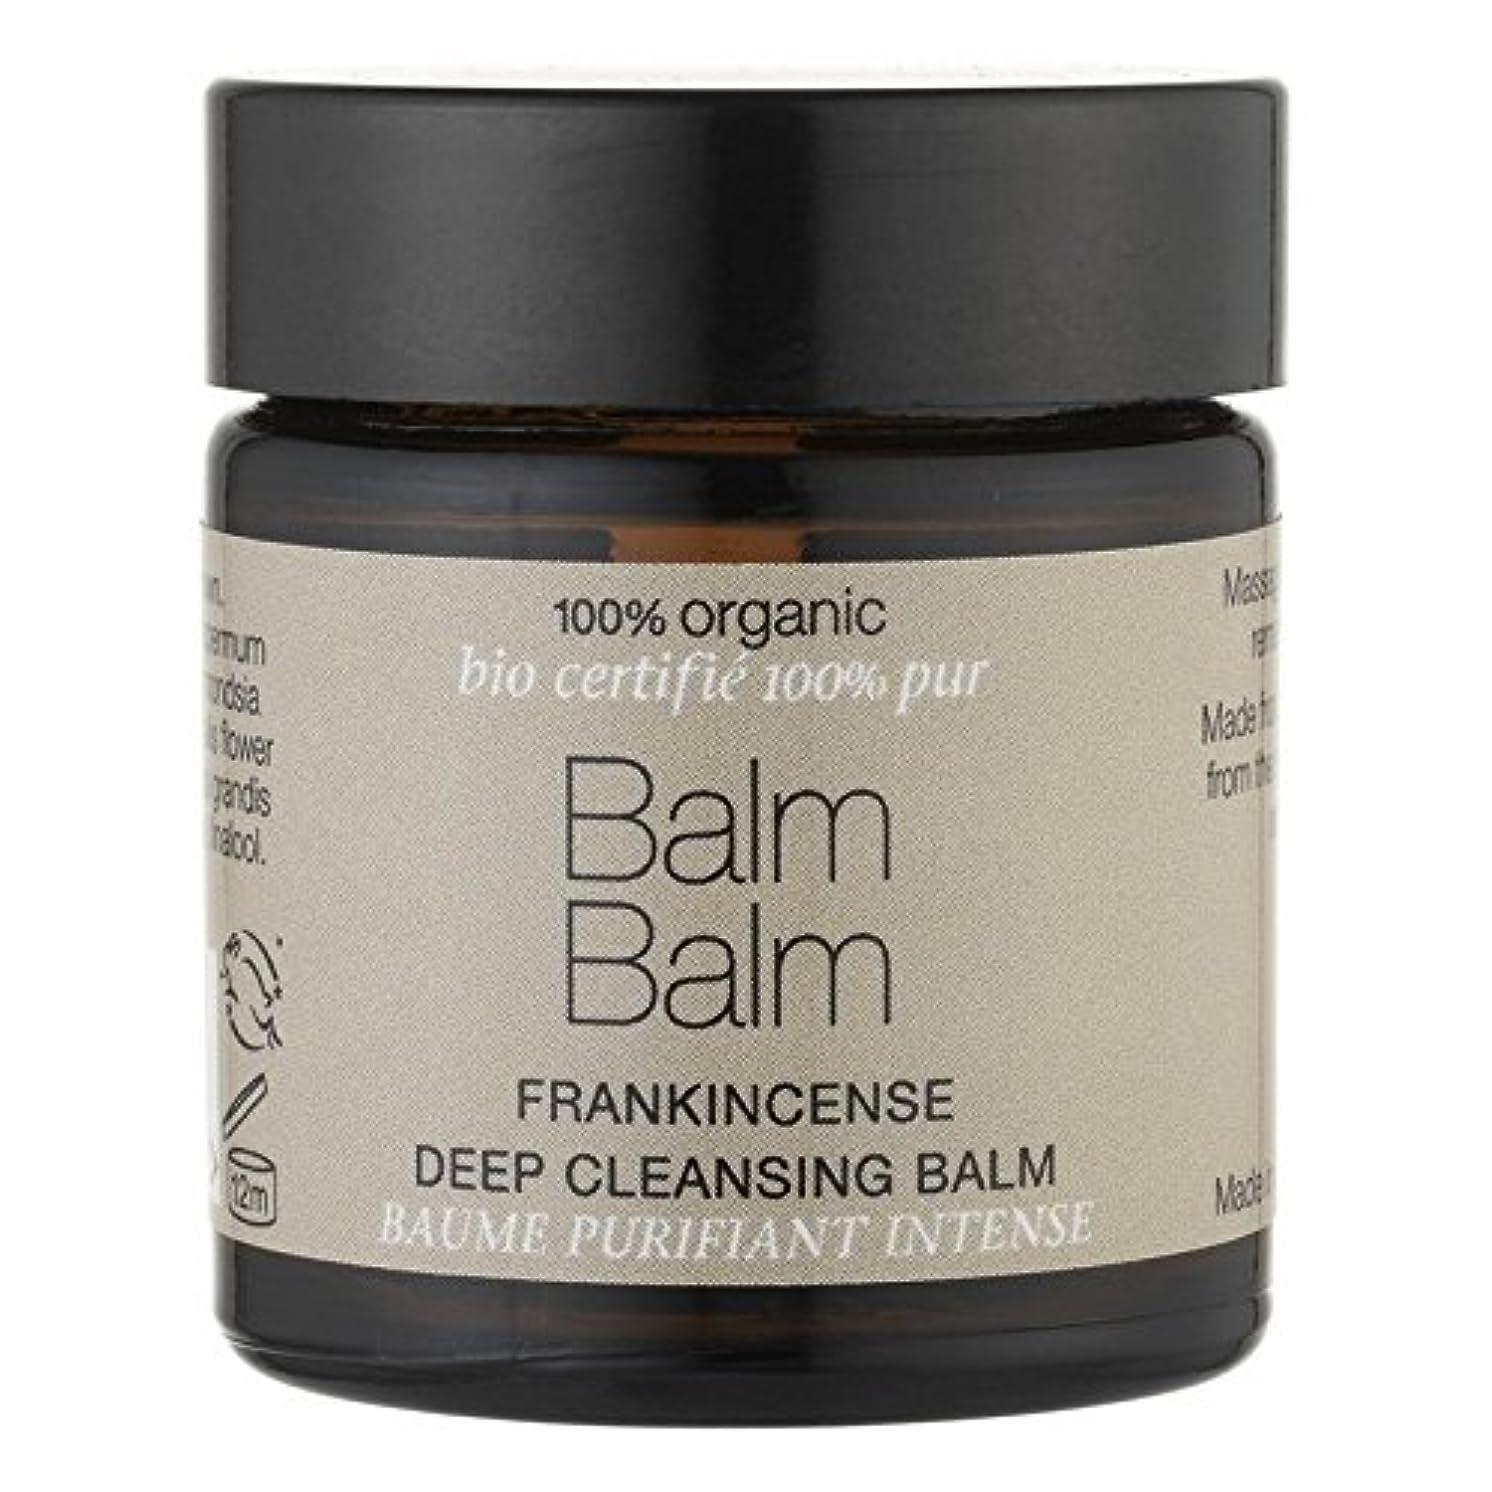 素晴らしさ拾う勧告バームバーム乳香有機ディープクレンジングクリーム60ミリリットル x4 - Balm Balm Frankincense Organic Deep Cleansing Balm 60ml (Pack of 4) [並行輸入品]